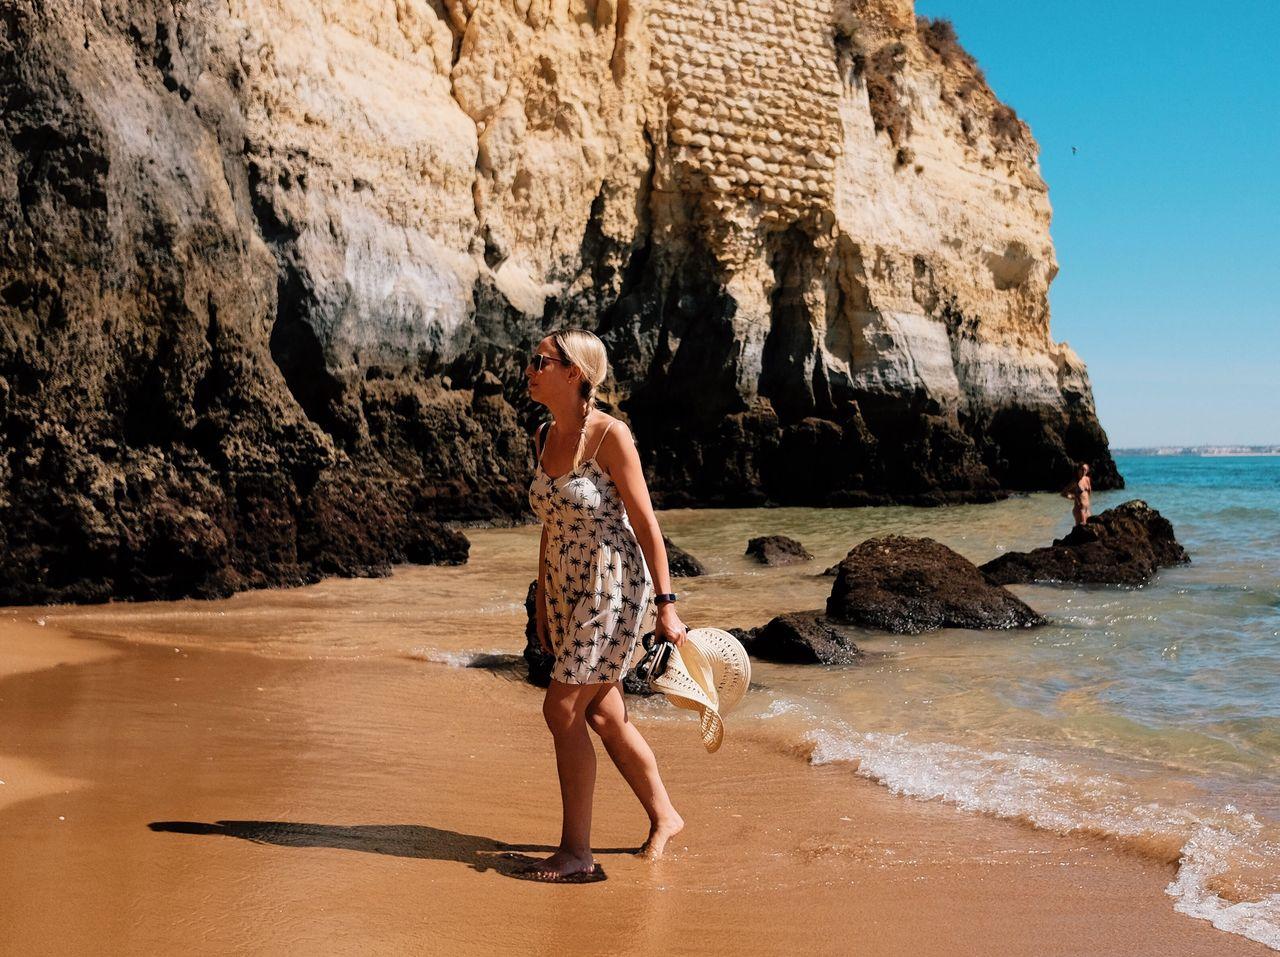 Woman Walking At Beach Against Cliff